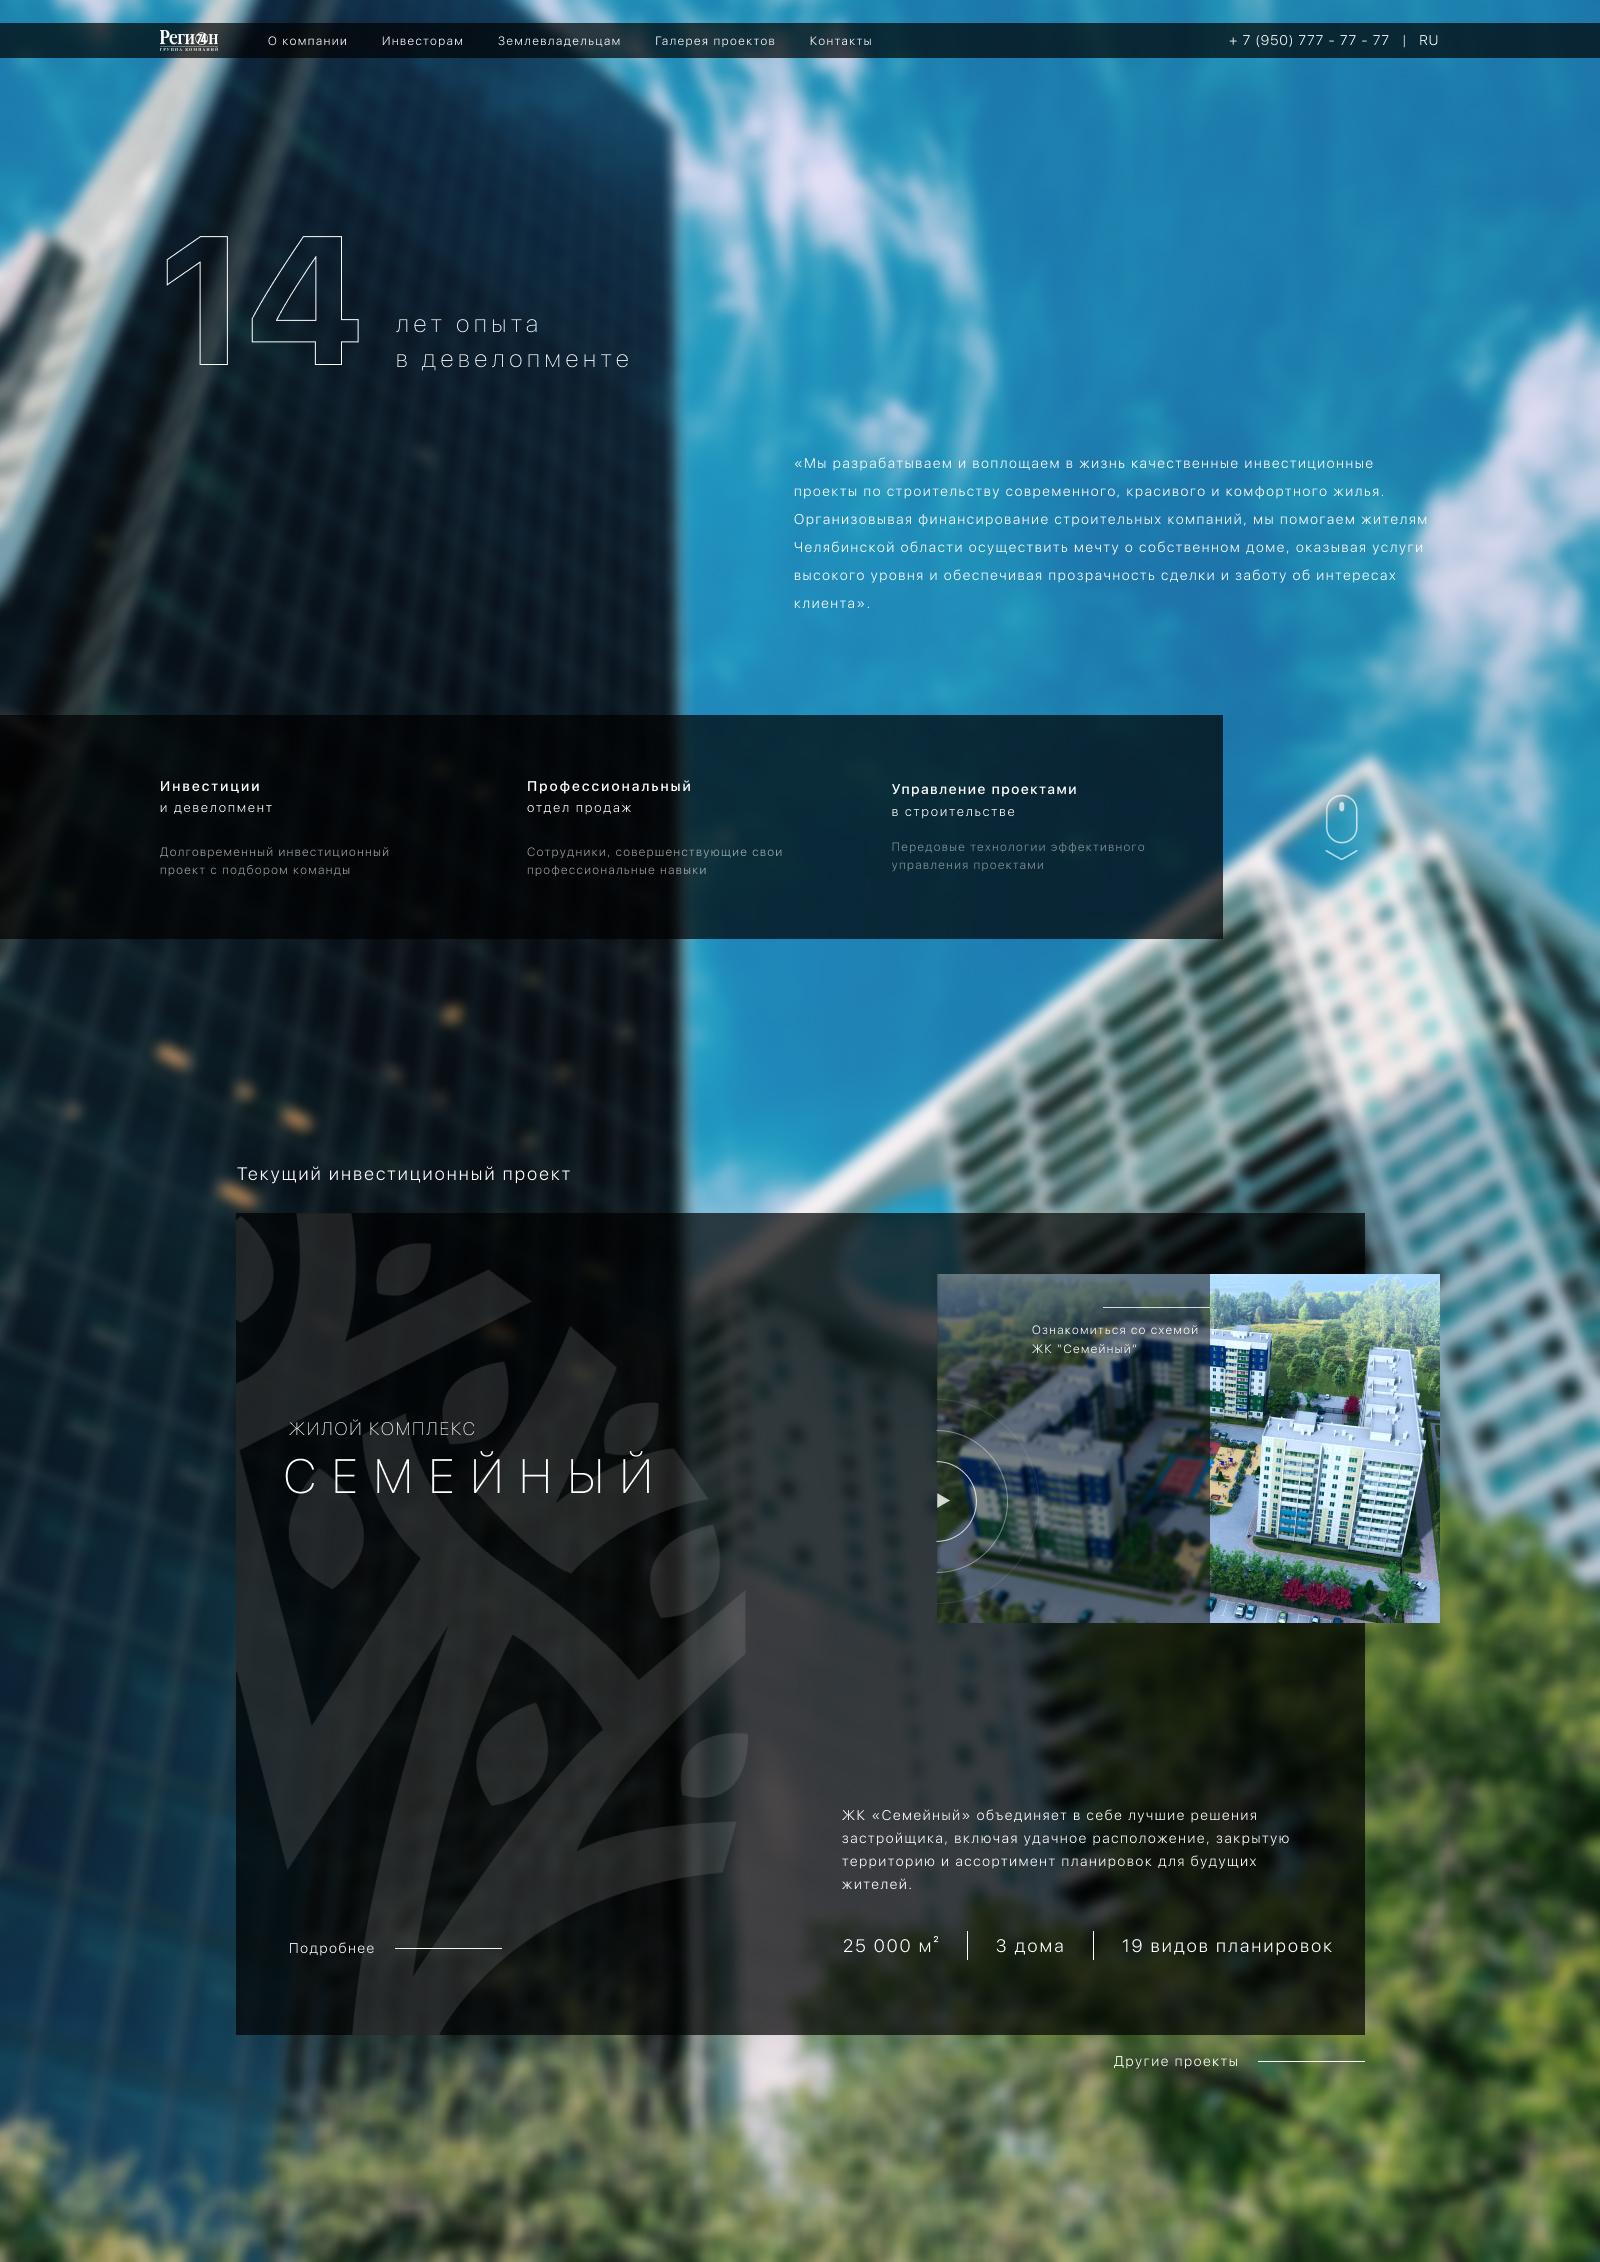 Дизайн двух страниц сайта фото f_6225f2bc2a4788bb.jpg